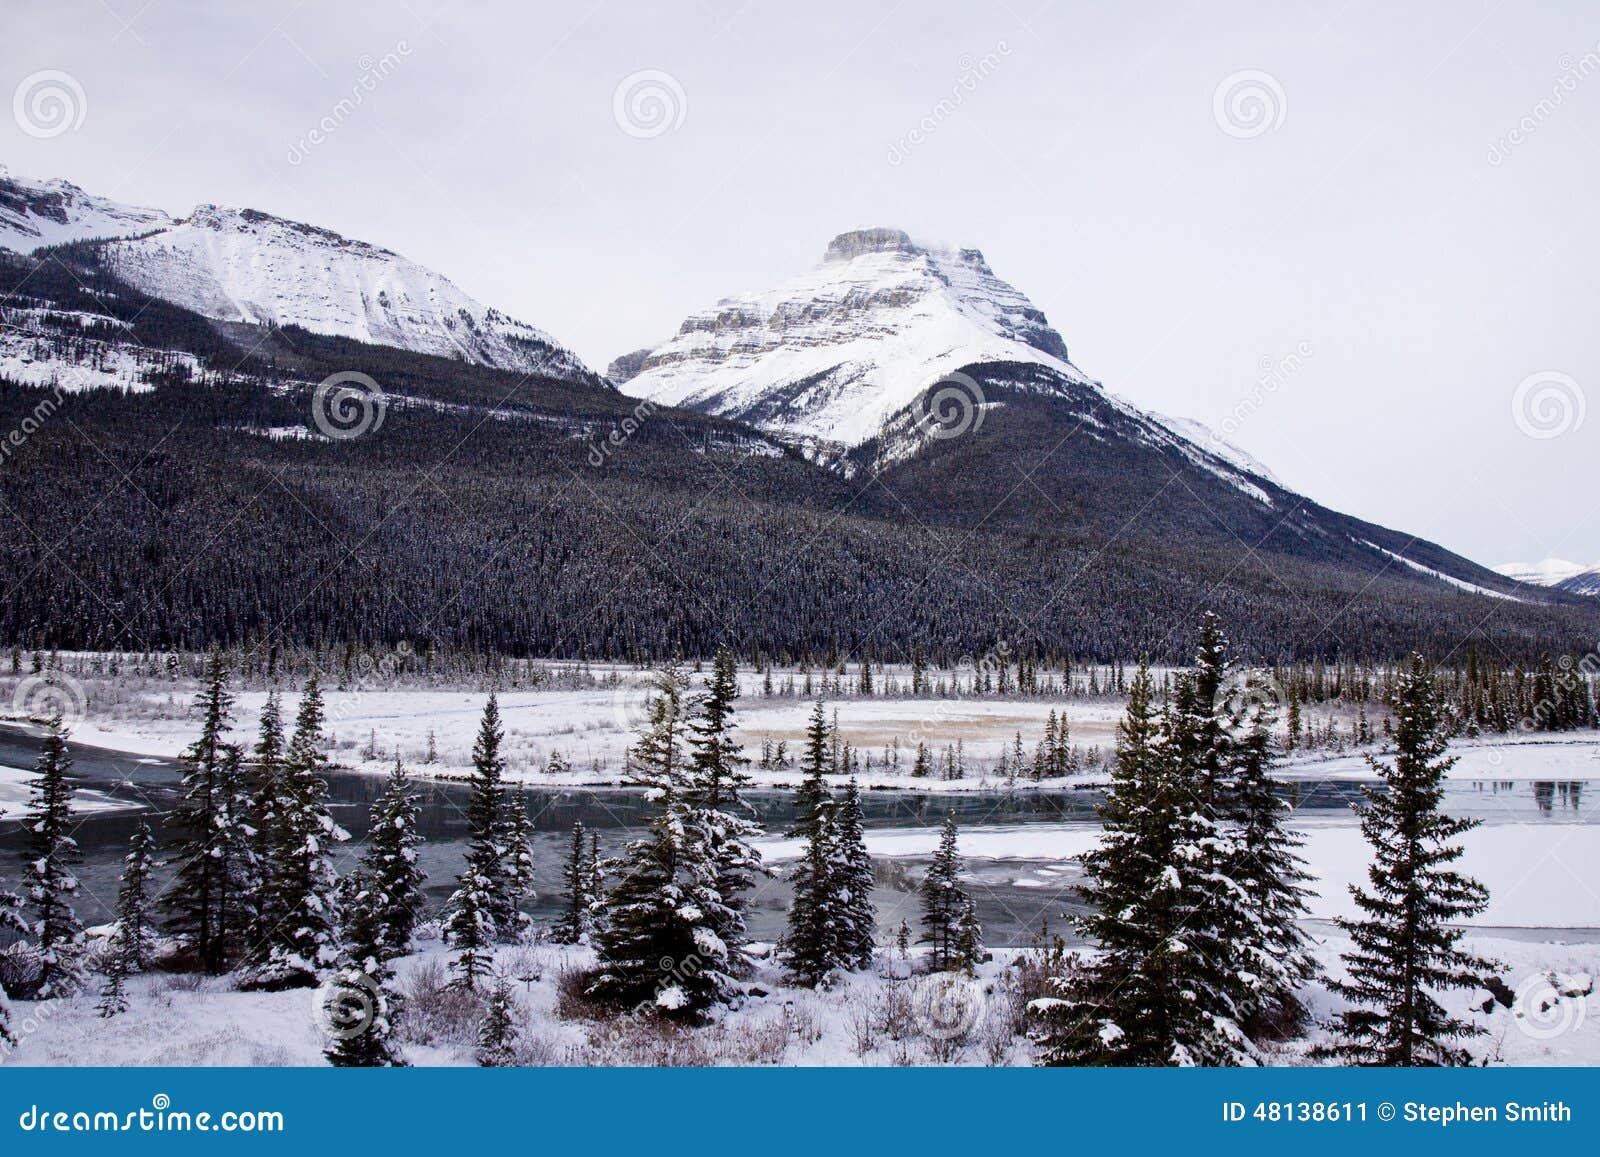 Paesaggi scenici nel parco nazionale di banff alberta for Cabine di pesca nel ghiaccio alberta